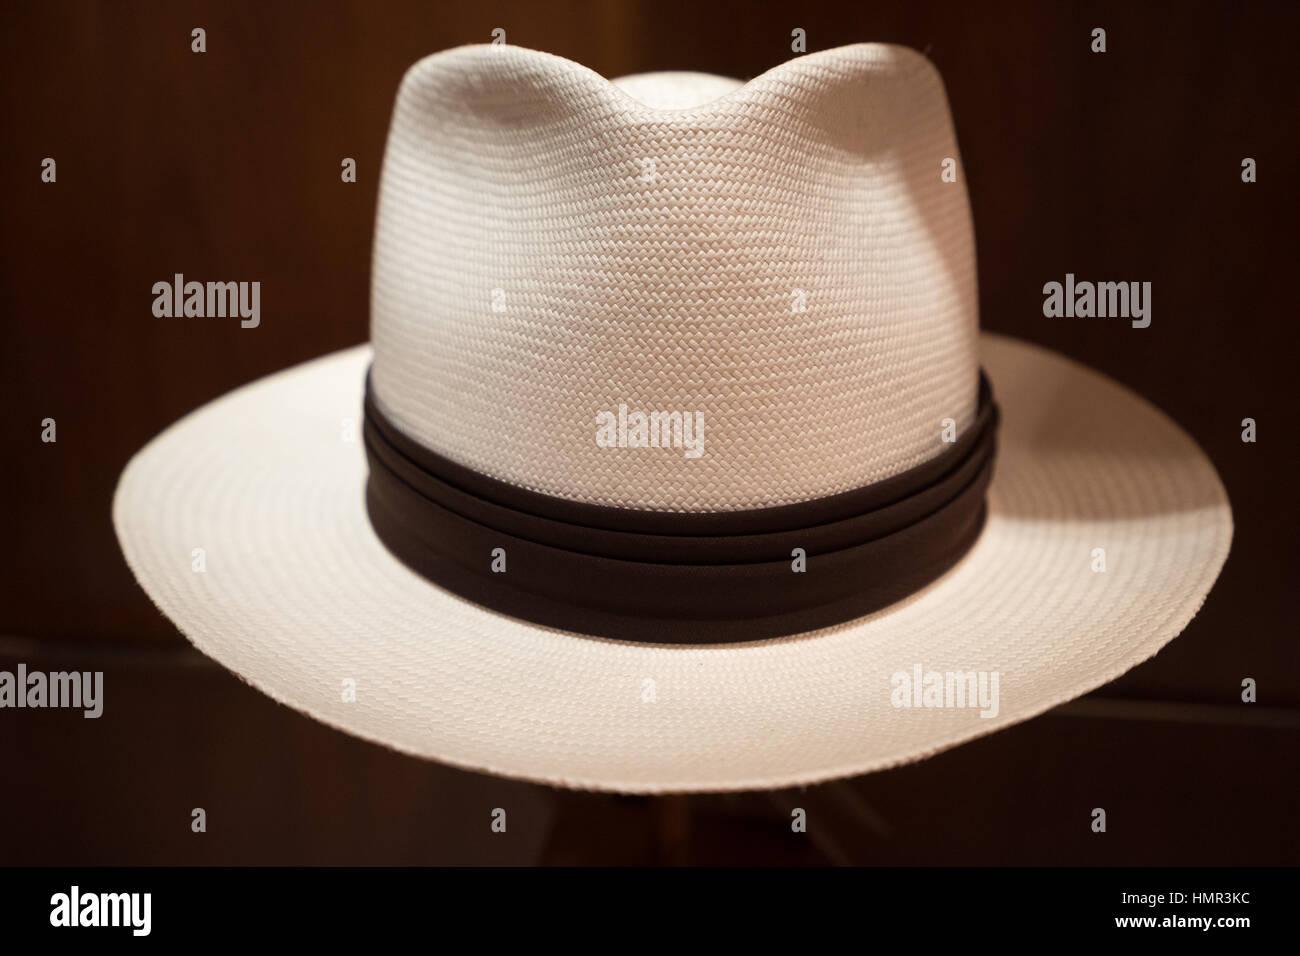 ae45d2f0f165a Los hombres sombrero panamá closeup detalles en Cuenca Ecuador Imagen De  Stock